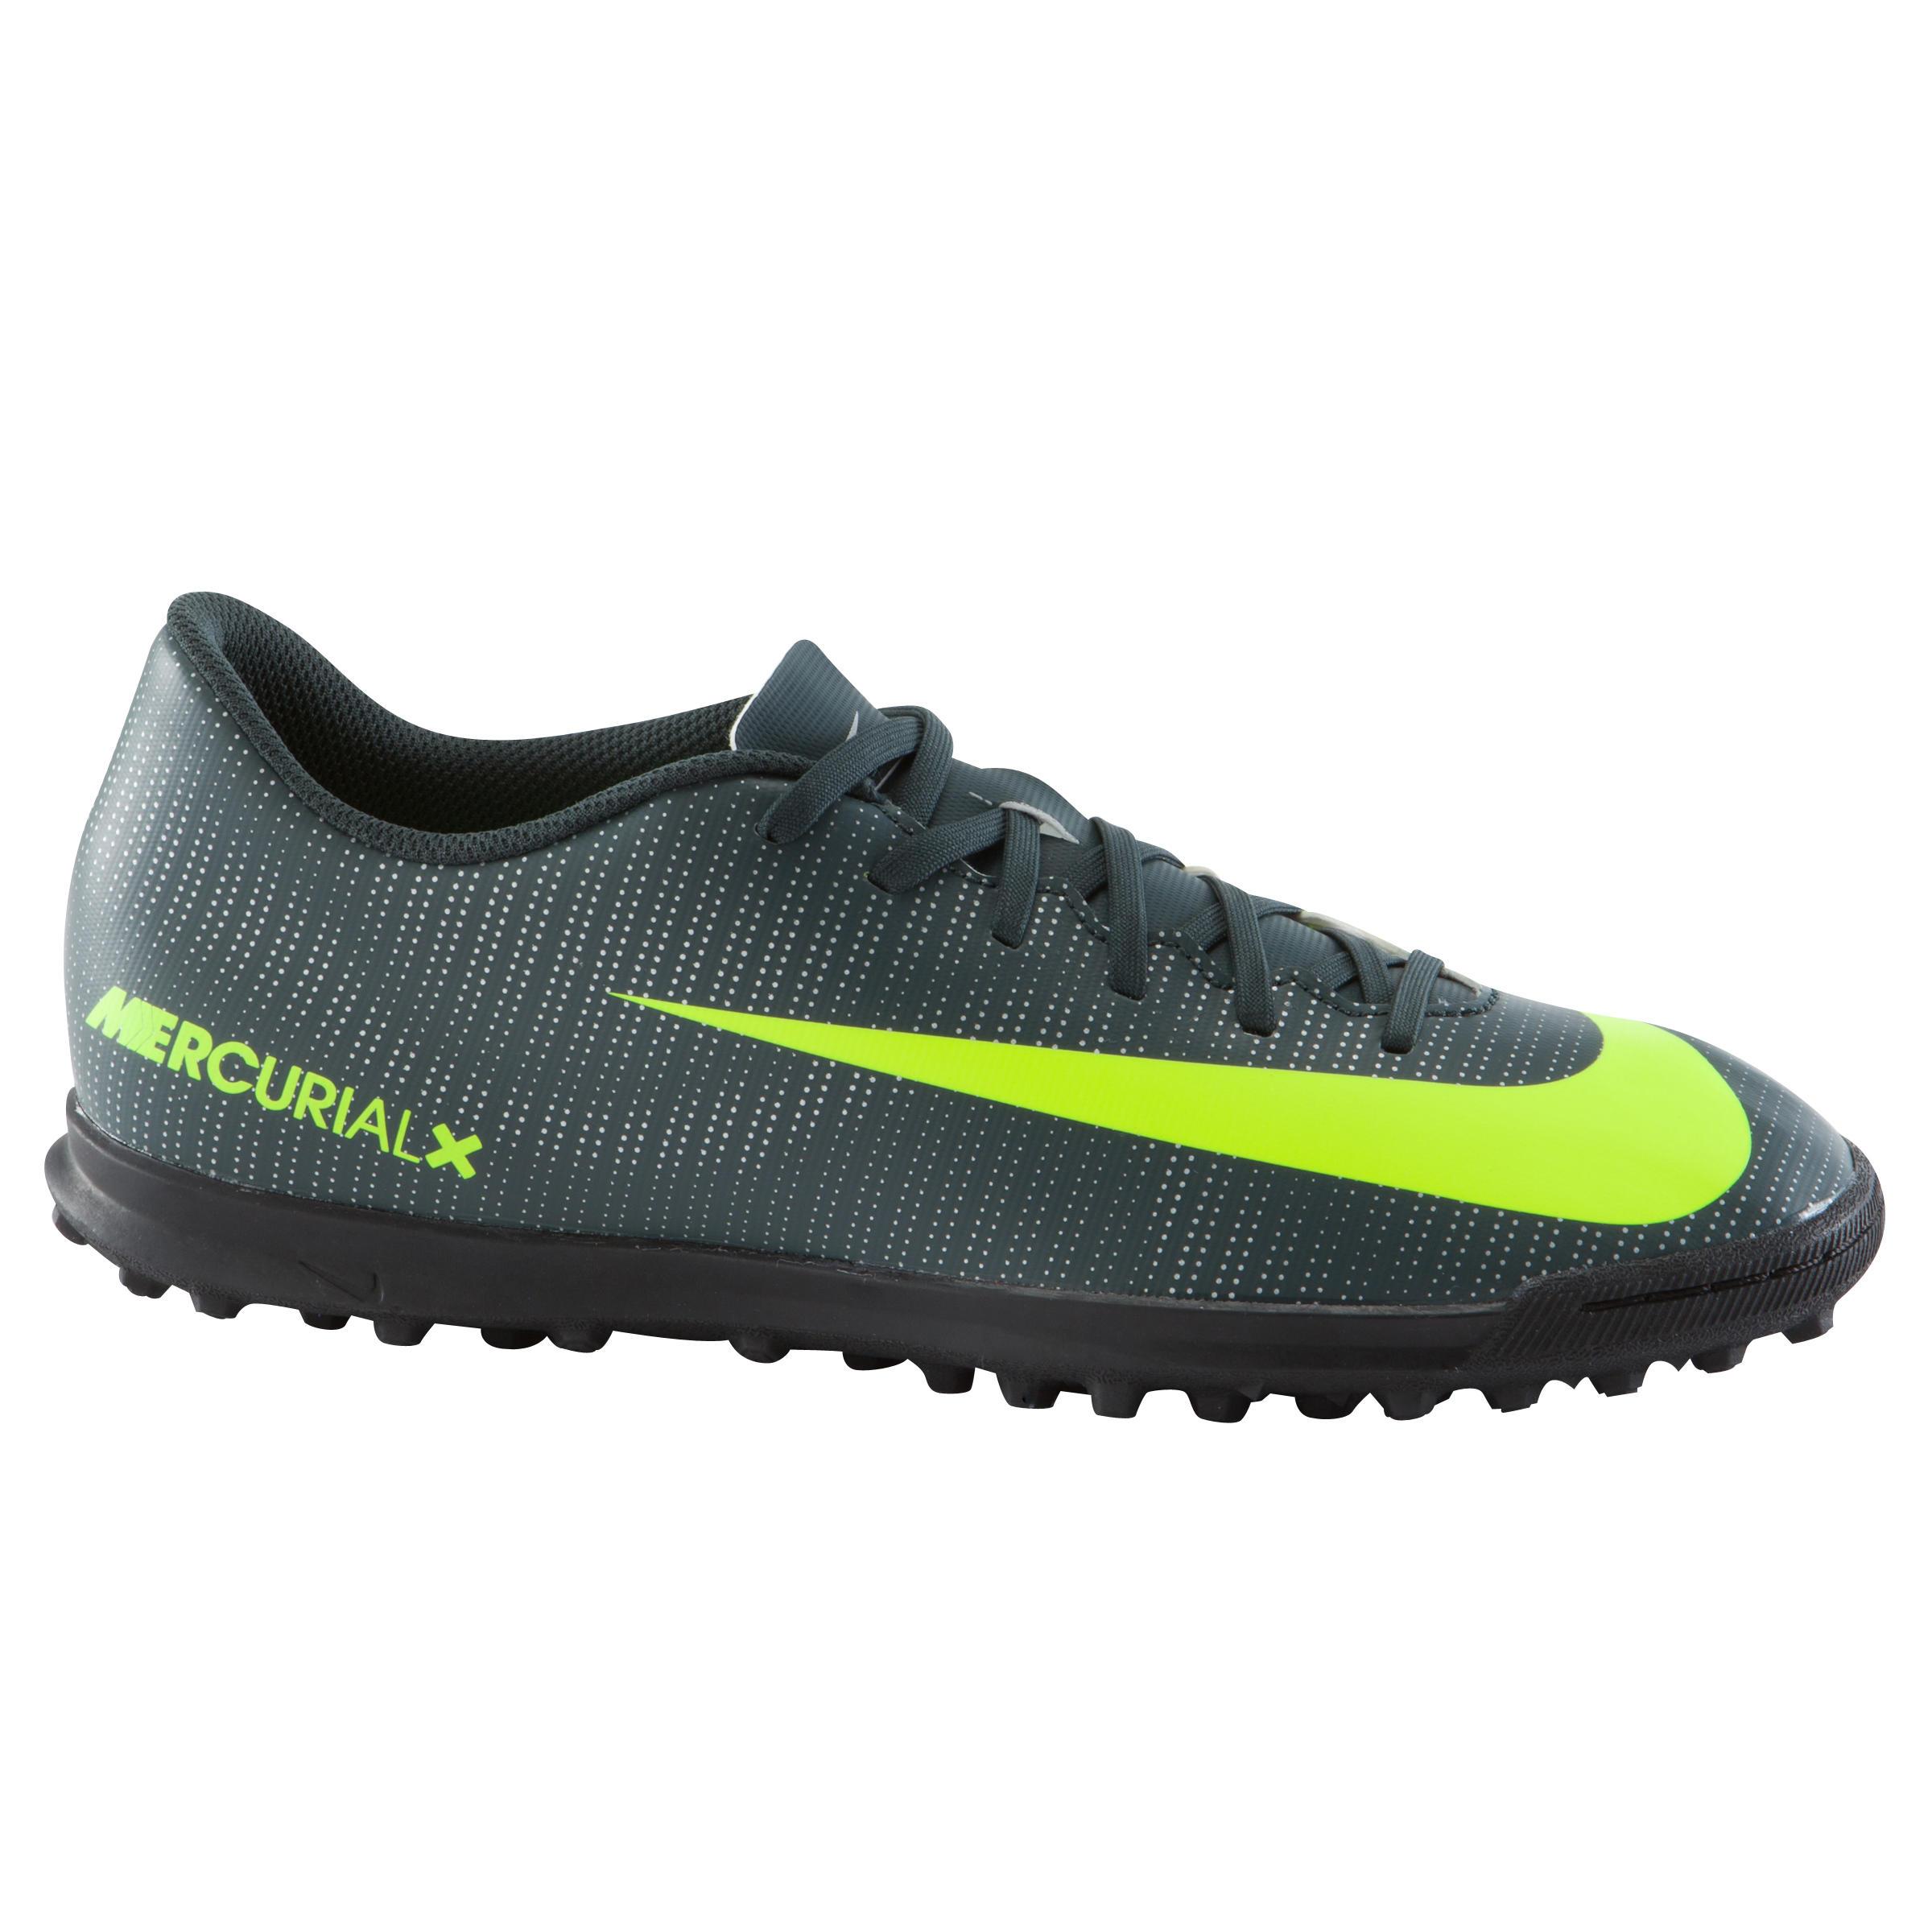 Nike Voetbalschoenen Mercurial CR7 Vortex TF voor volwassenen zwart